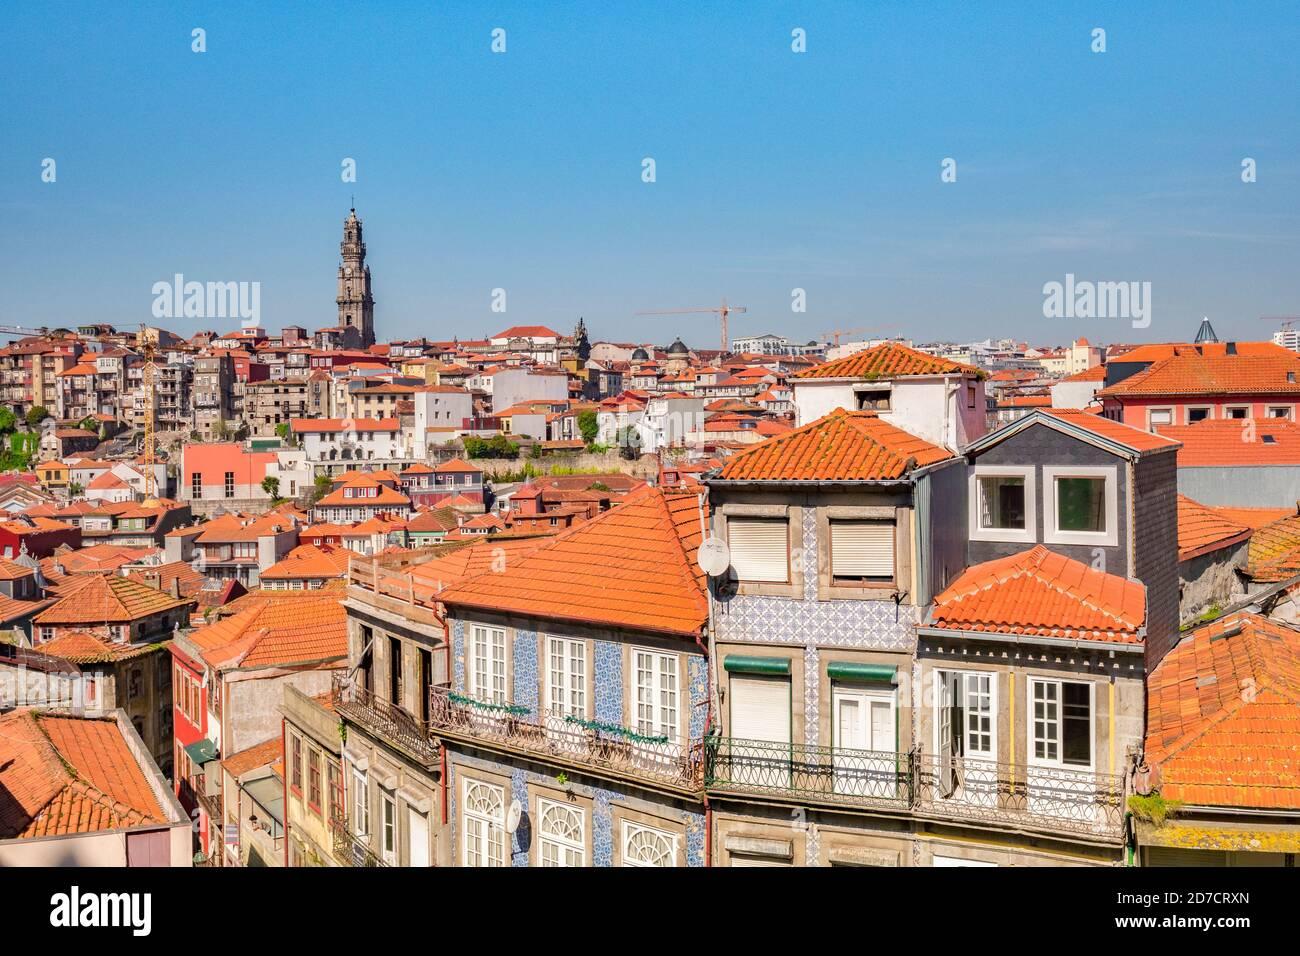 Blick über die Ziegeldächer von Porto, Portugal, an einem schönen Frühlingstag. Die Skyline wird vom Turm der Igreja dos Clérigos, der Kirche von, dominiert Stockfoto